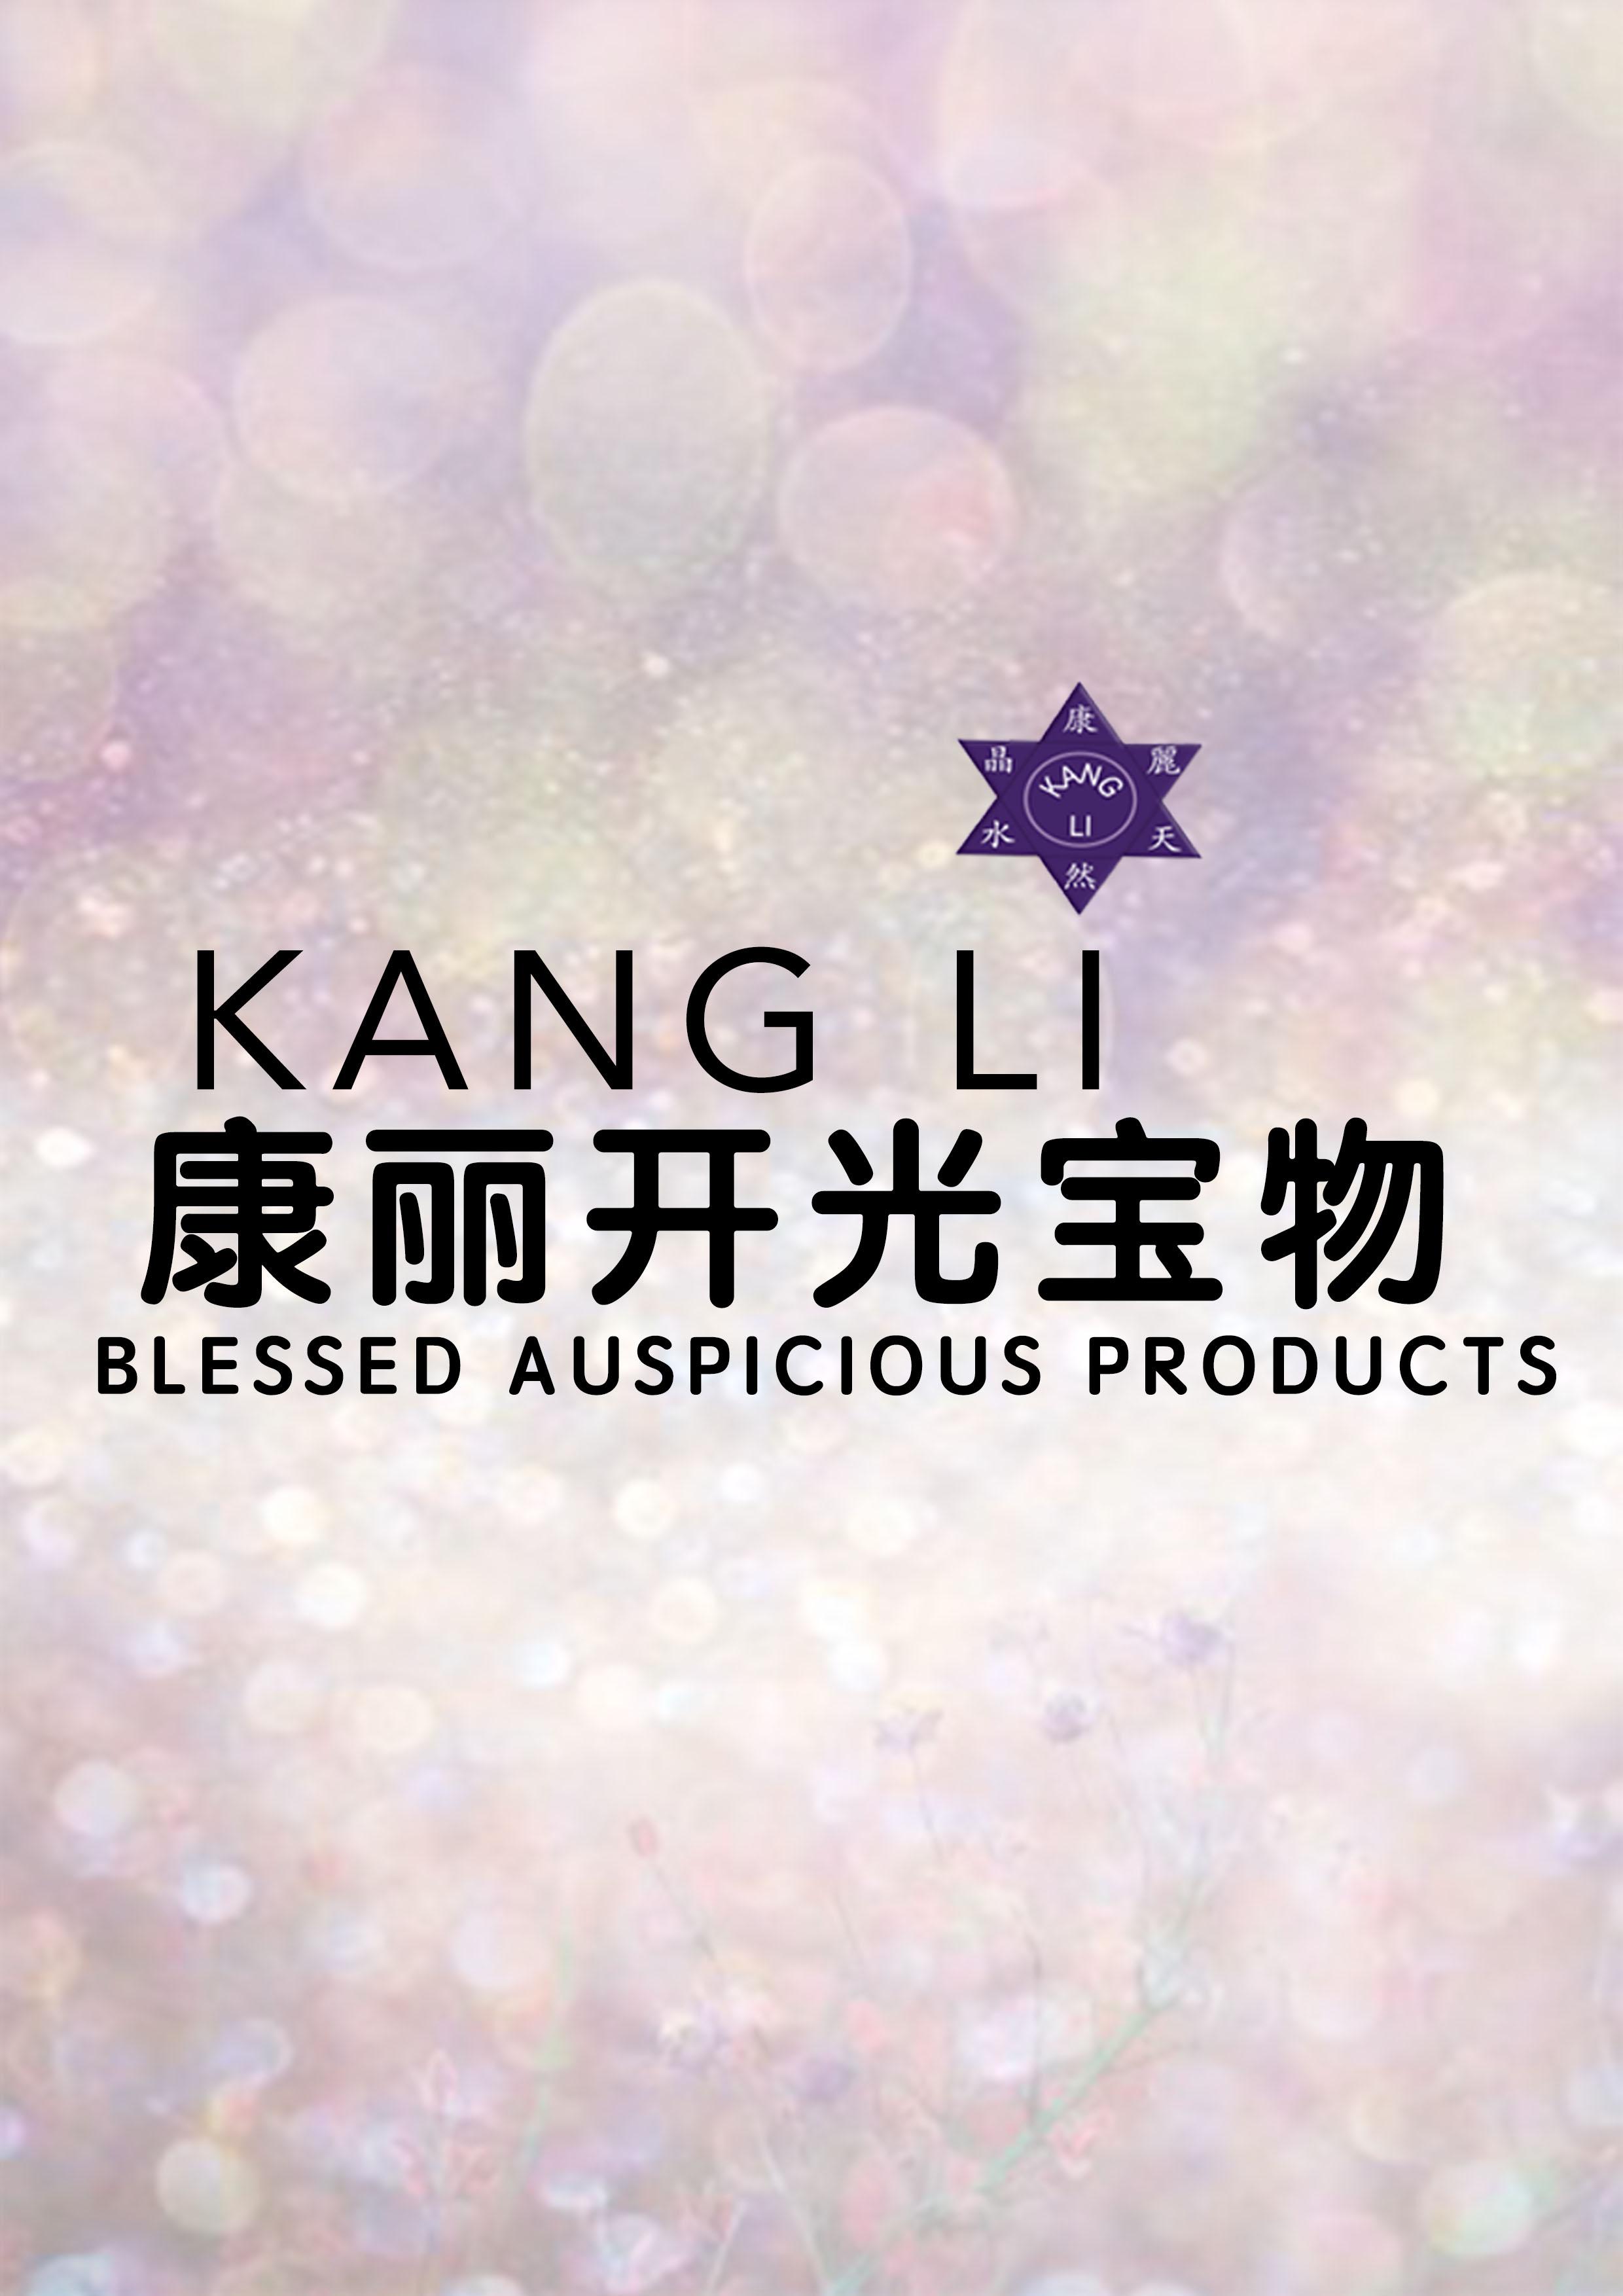 Kang Li